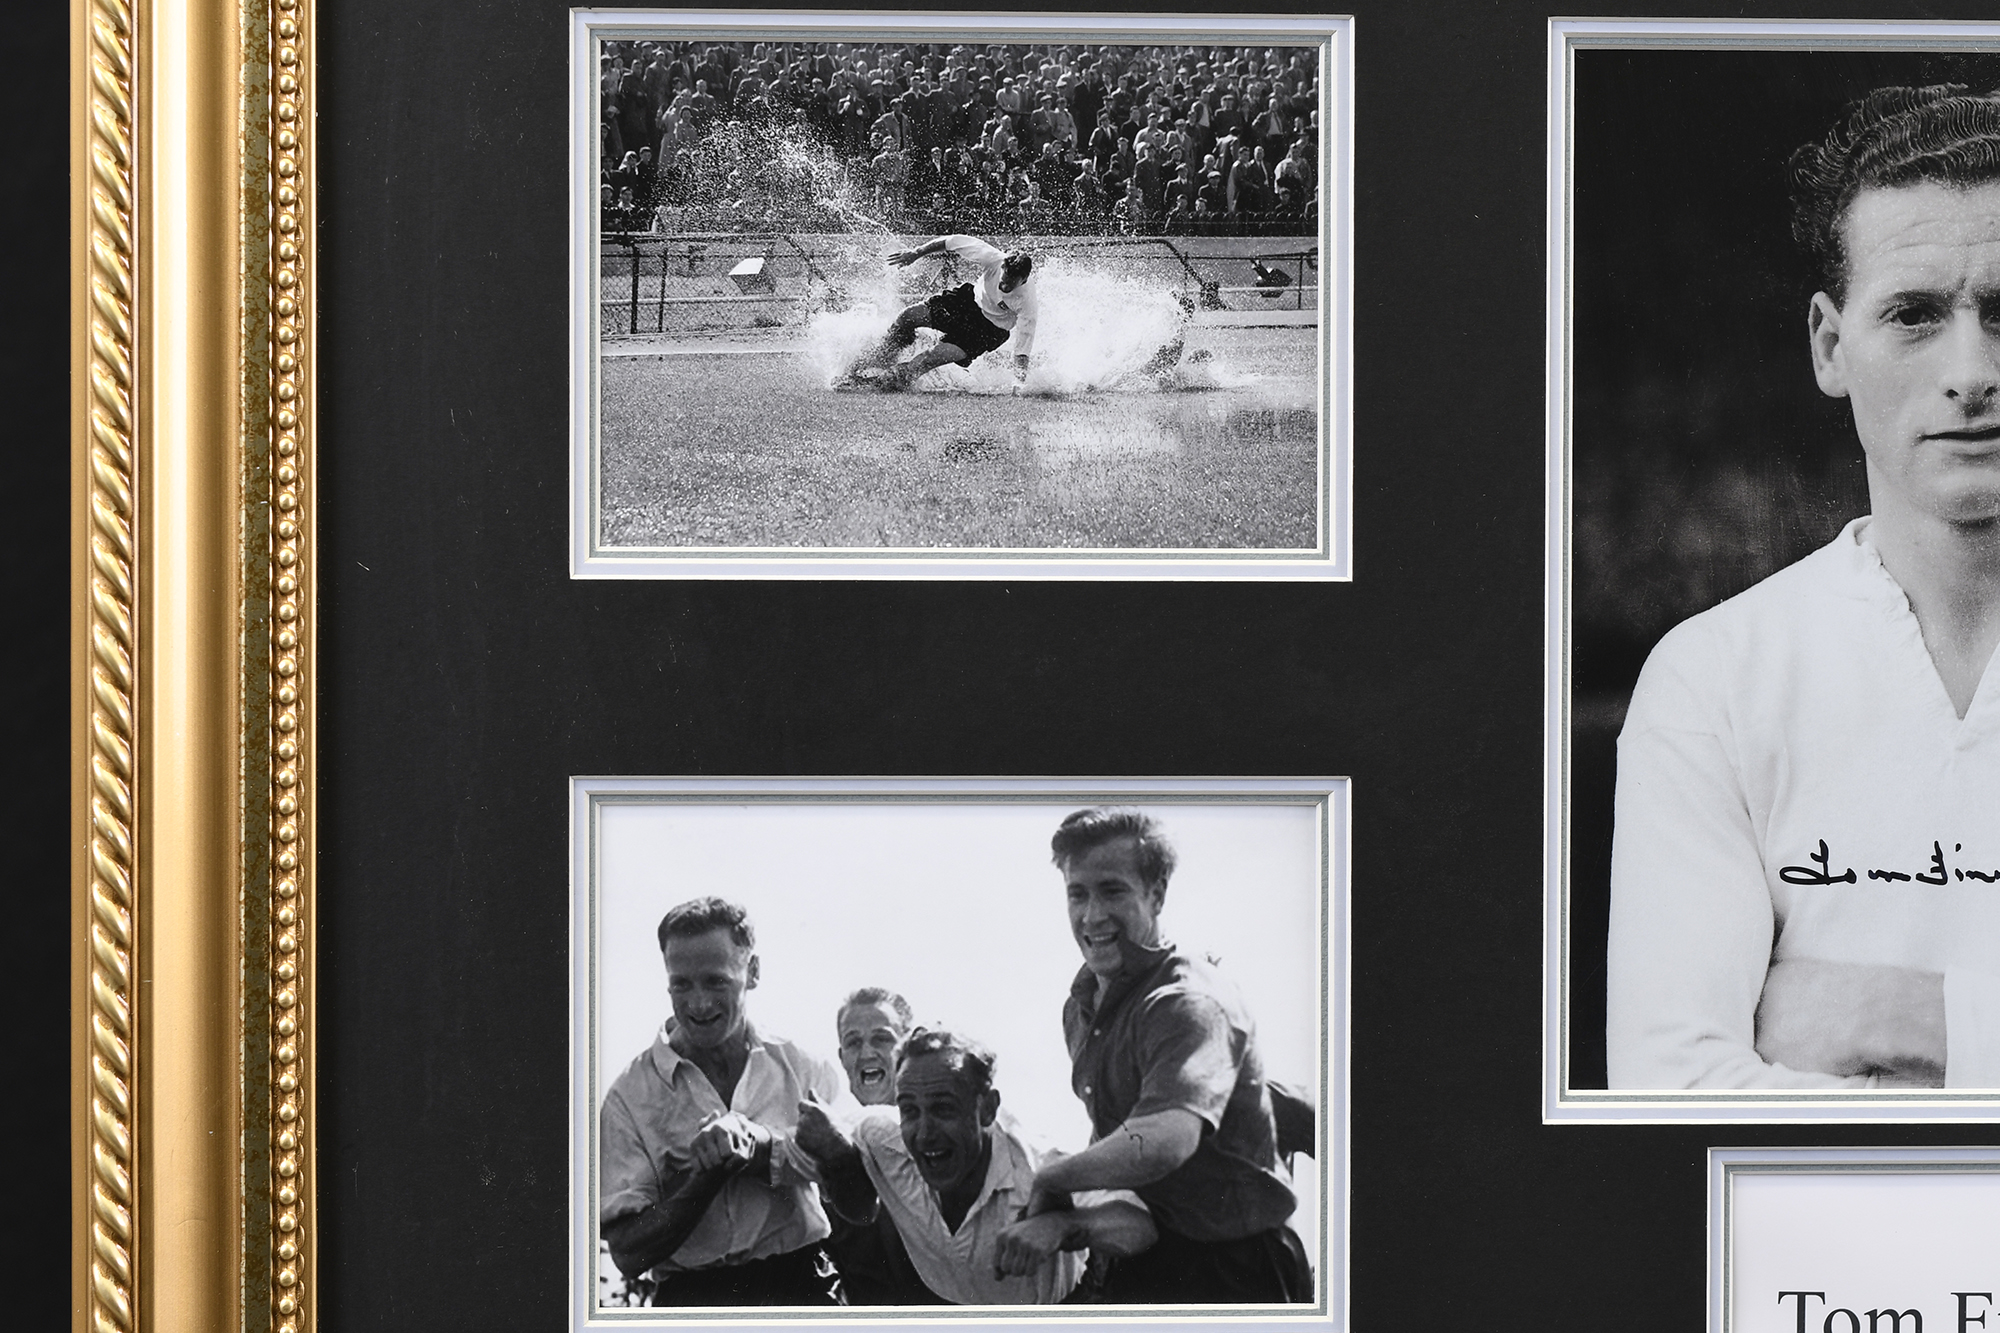 Framed Signed Tom Finney Memorabilia - Image 5 of 5